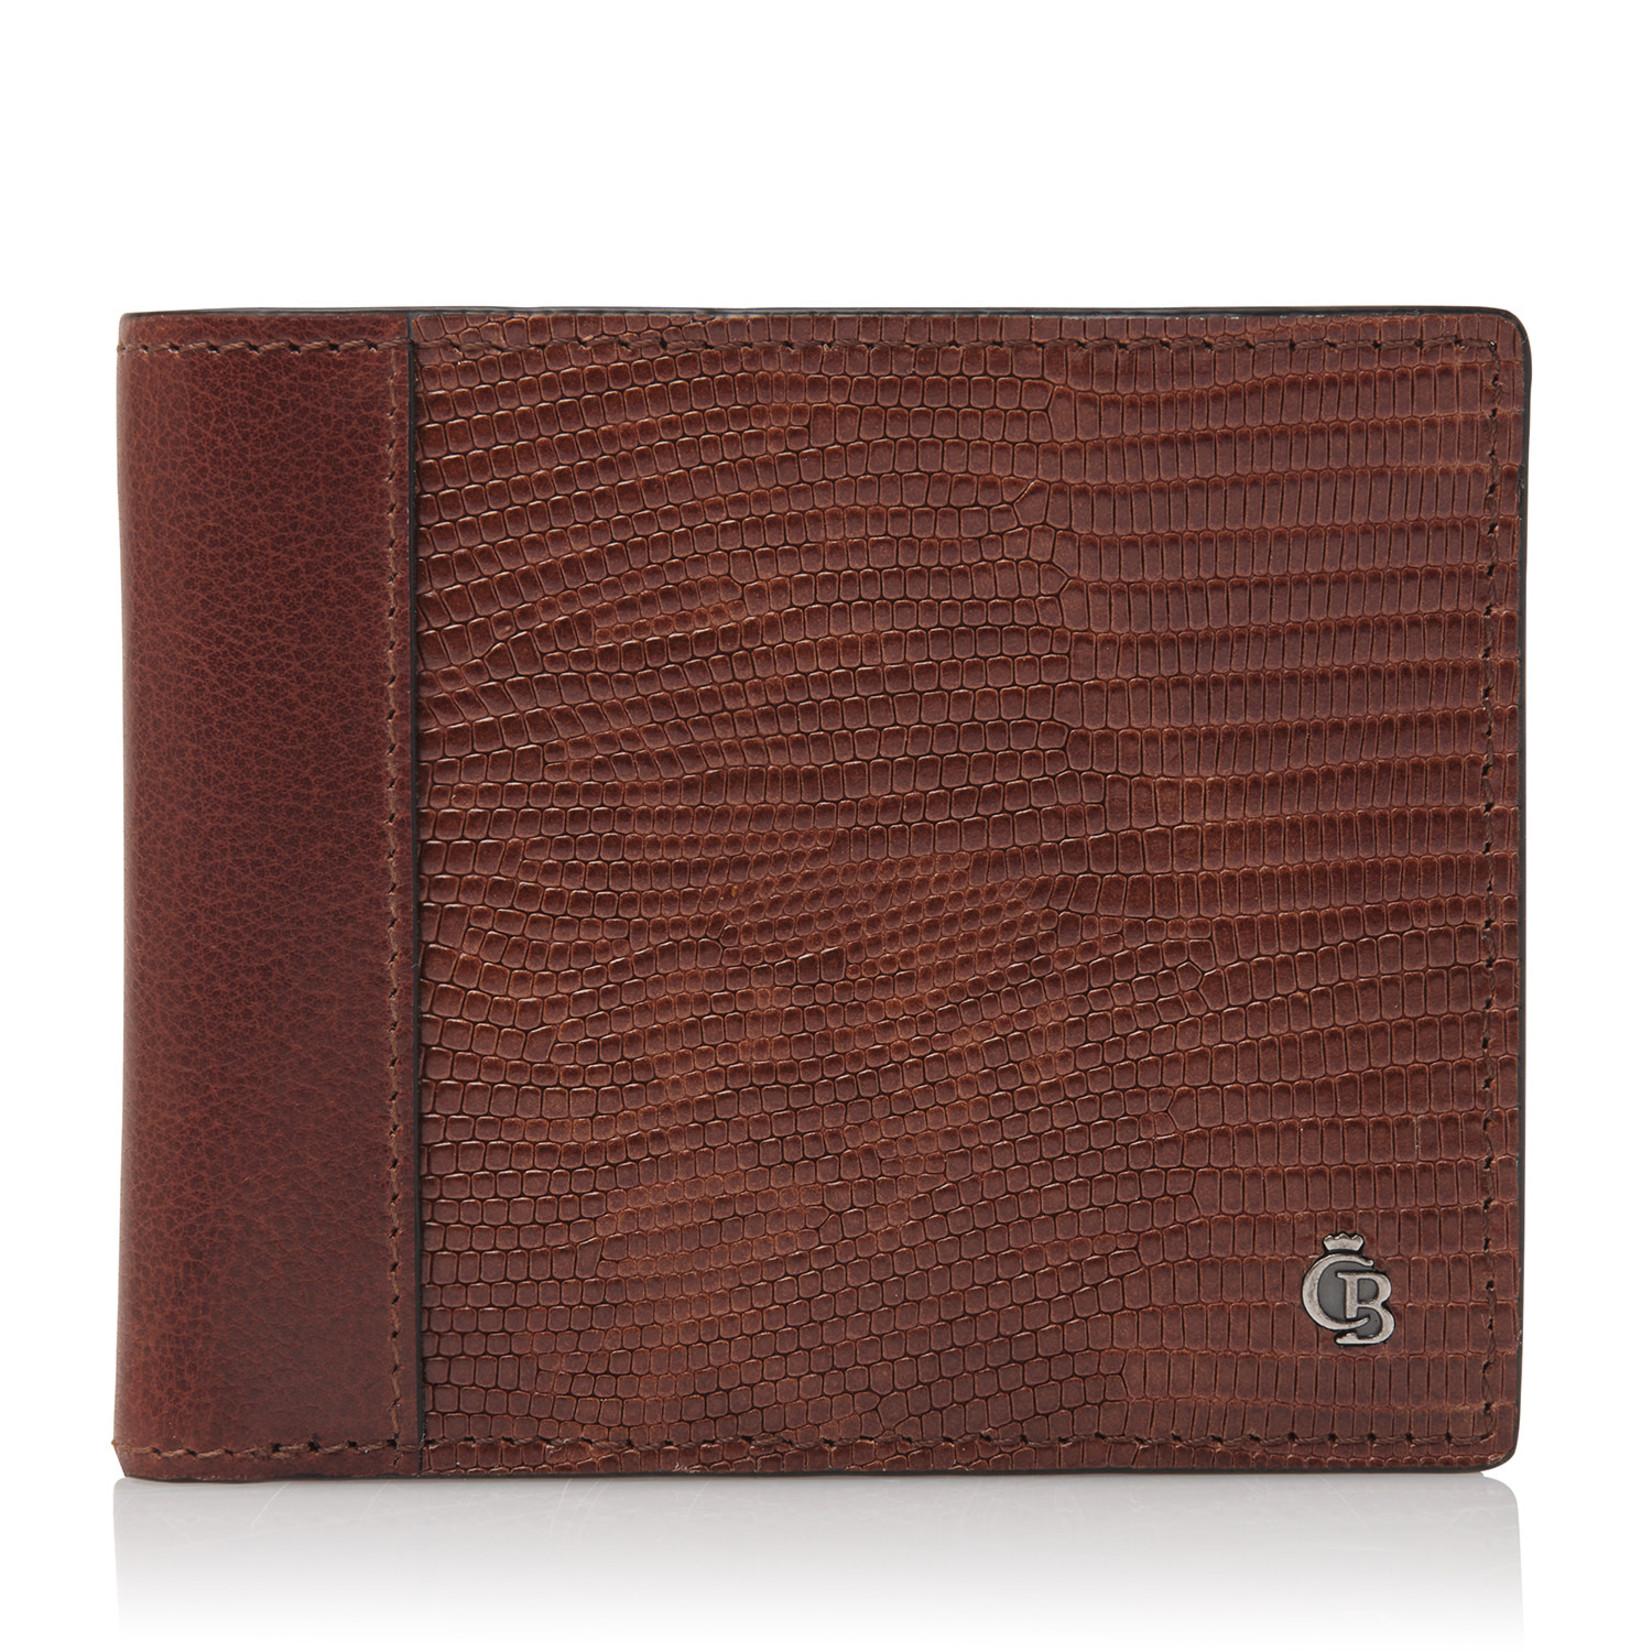 Castelijn en Beerens Donna Billfold 8 Pasjes RFID Cognac